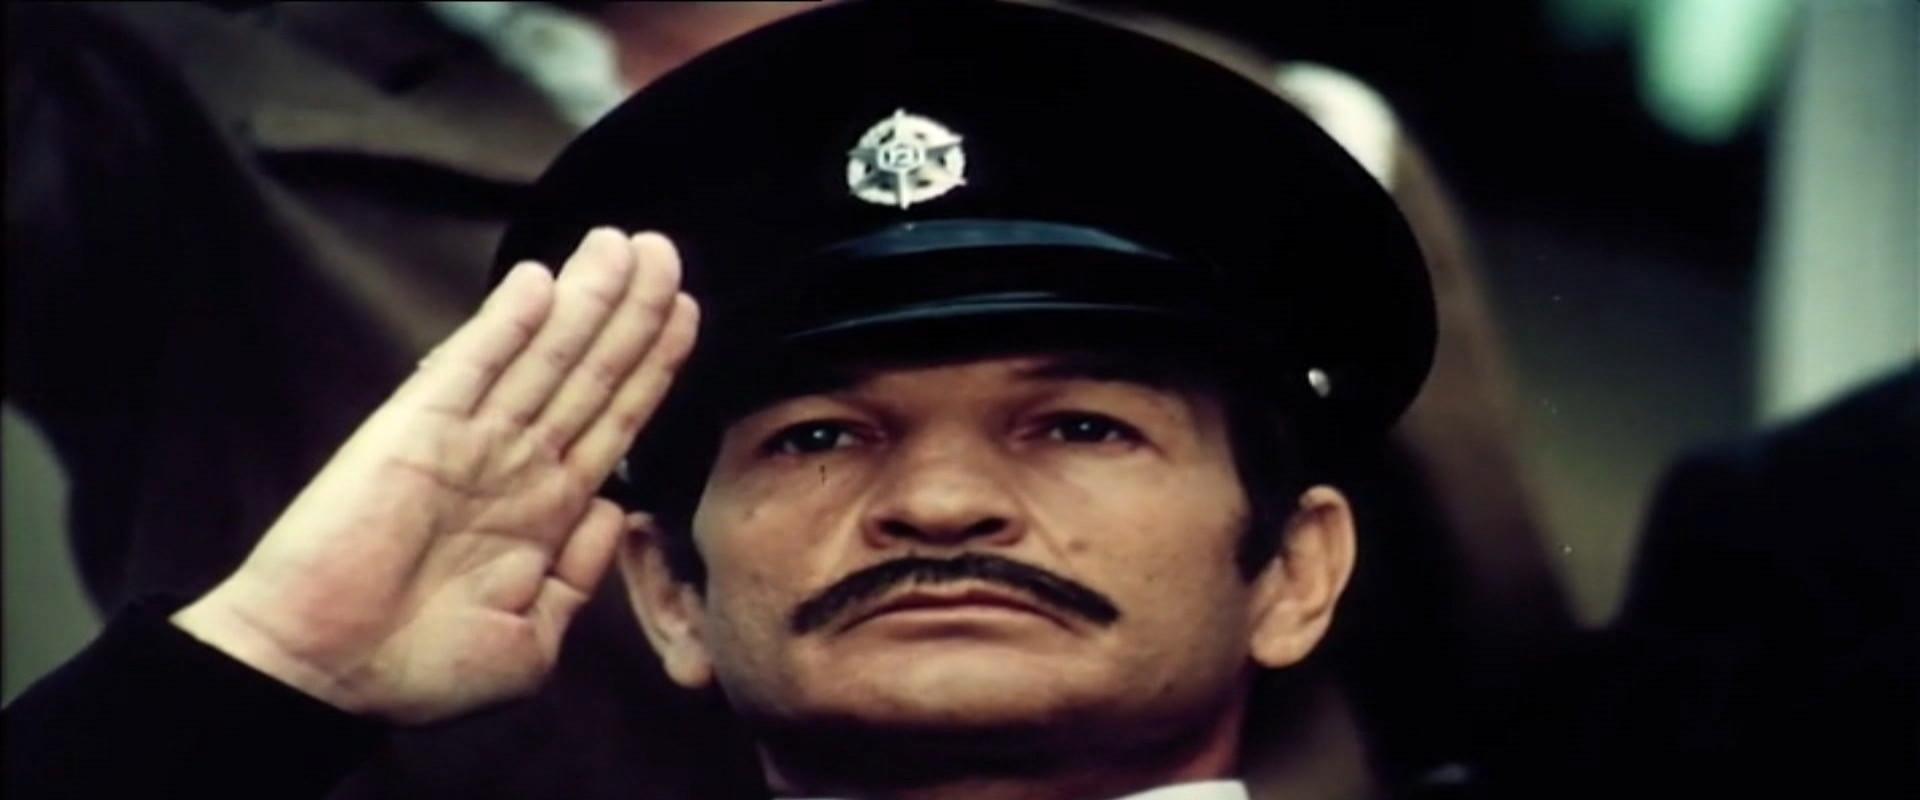 השוטר אזולאי (צילום: באדיבות יונייטד קינג- משה ולאון אדרי)